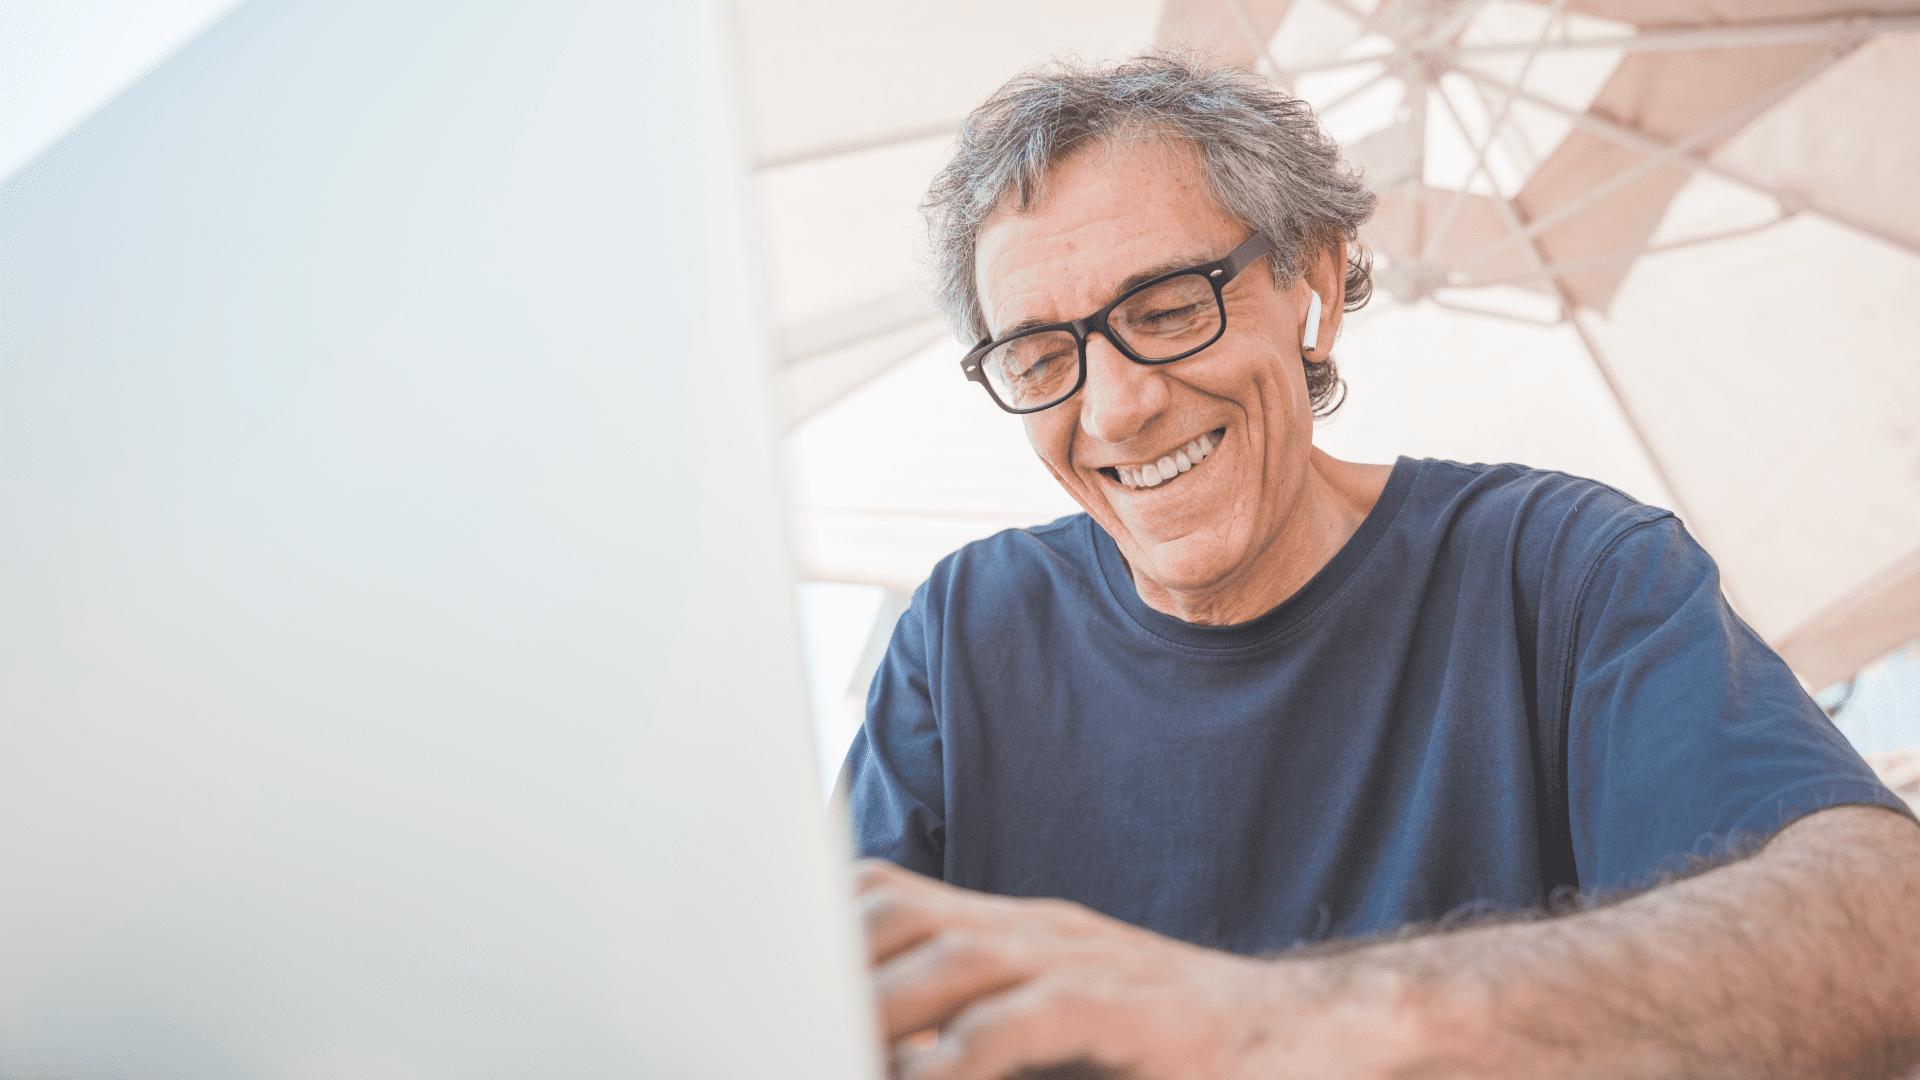 Quais são os benefícios da tecnologia para a terceira idade?